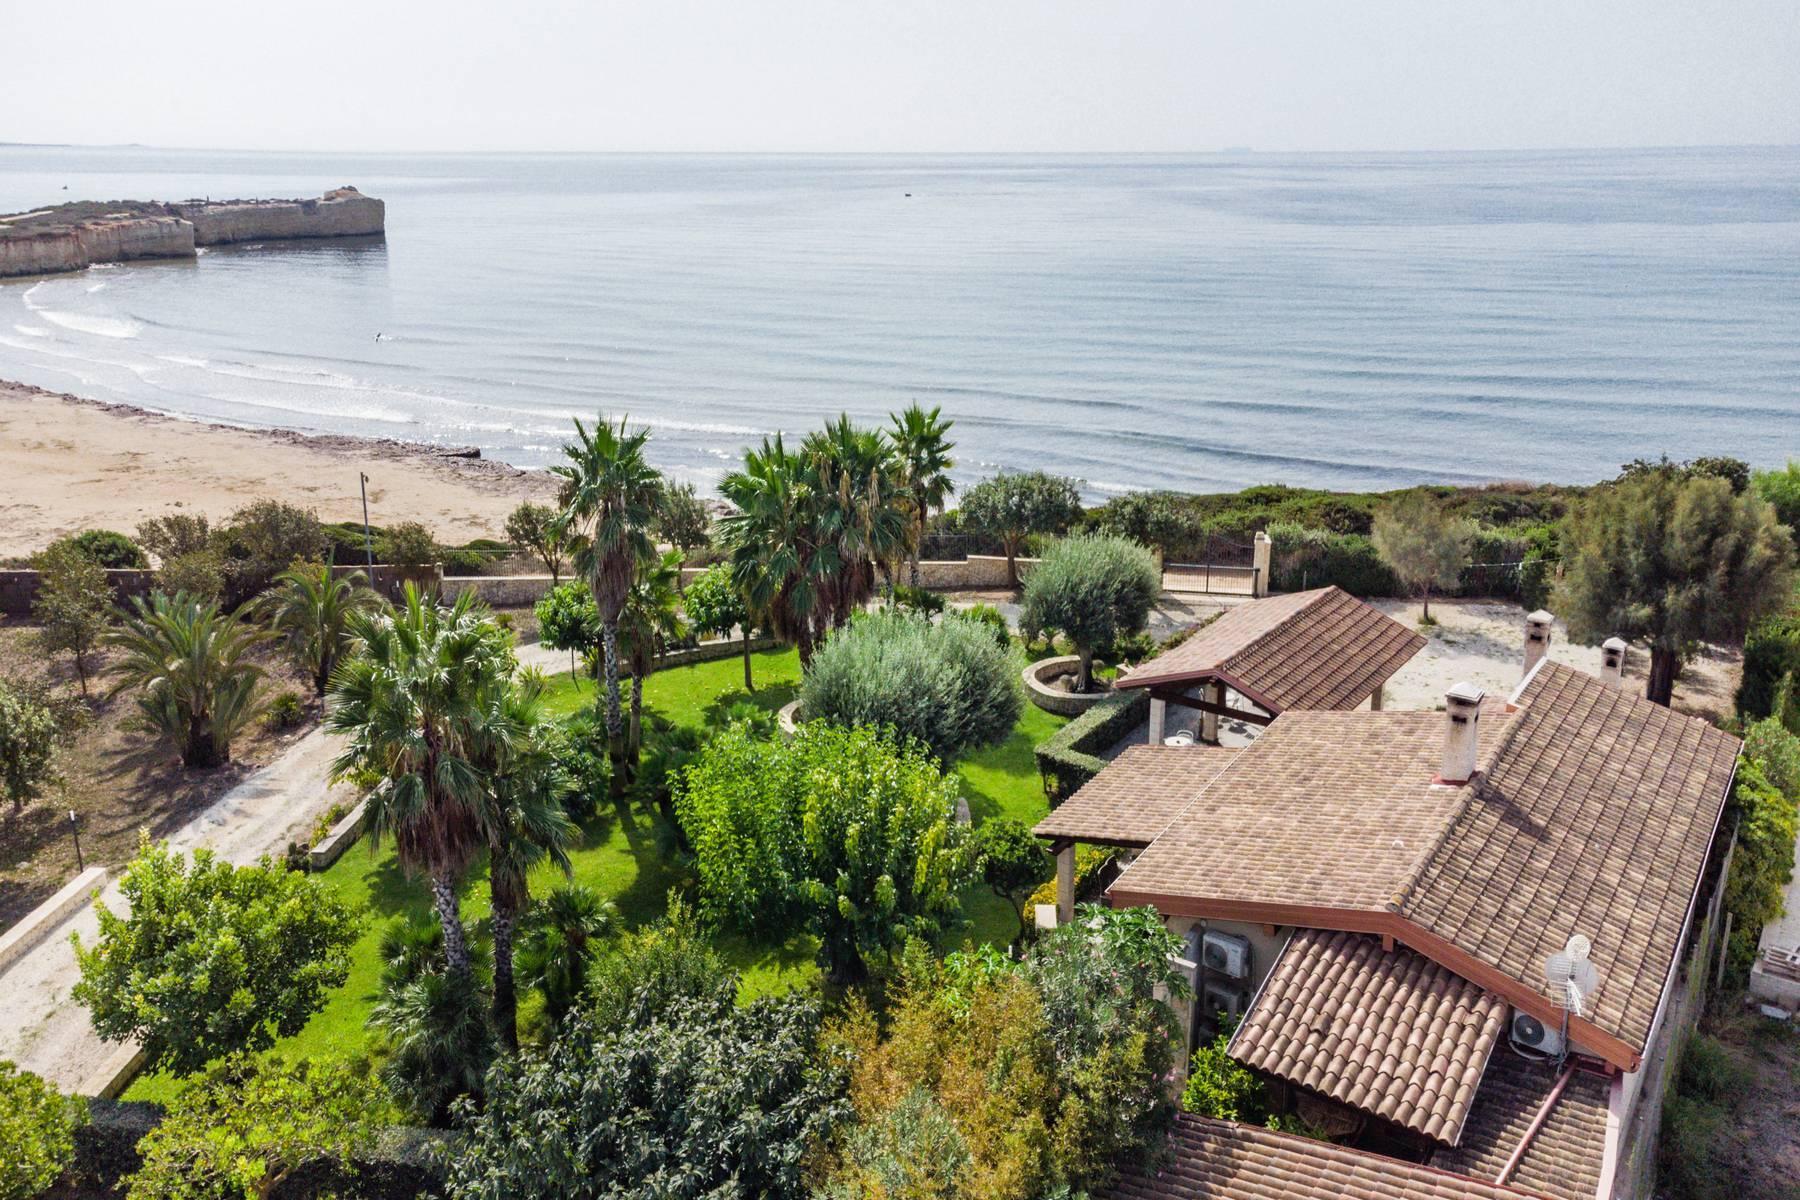 Exklusive Villa am Meer mit eigenem Zugang zum Strand - 1